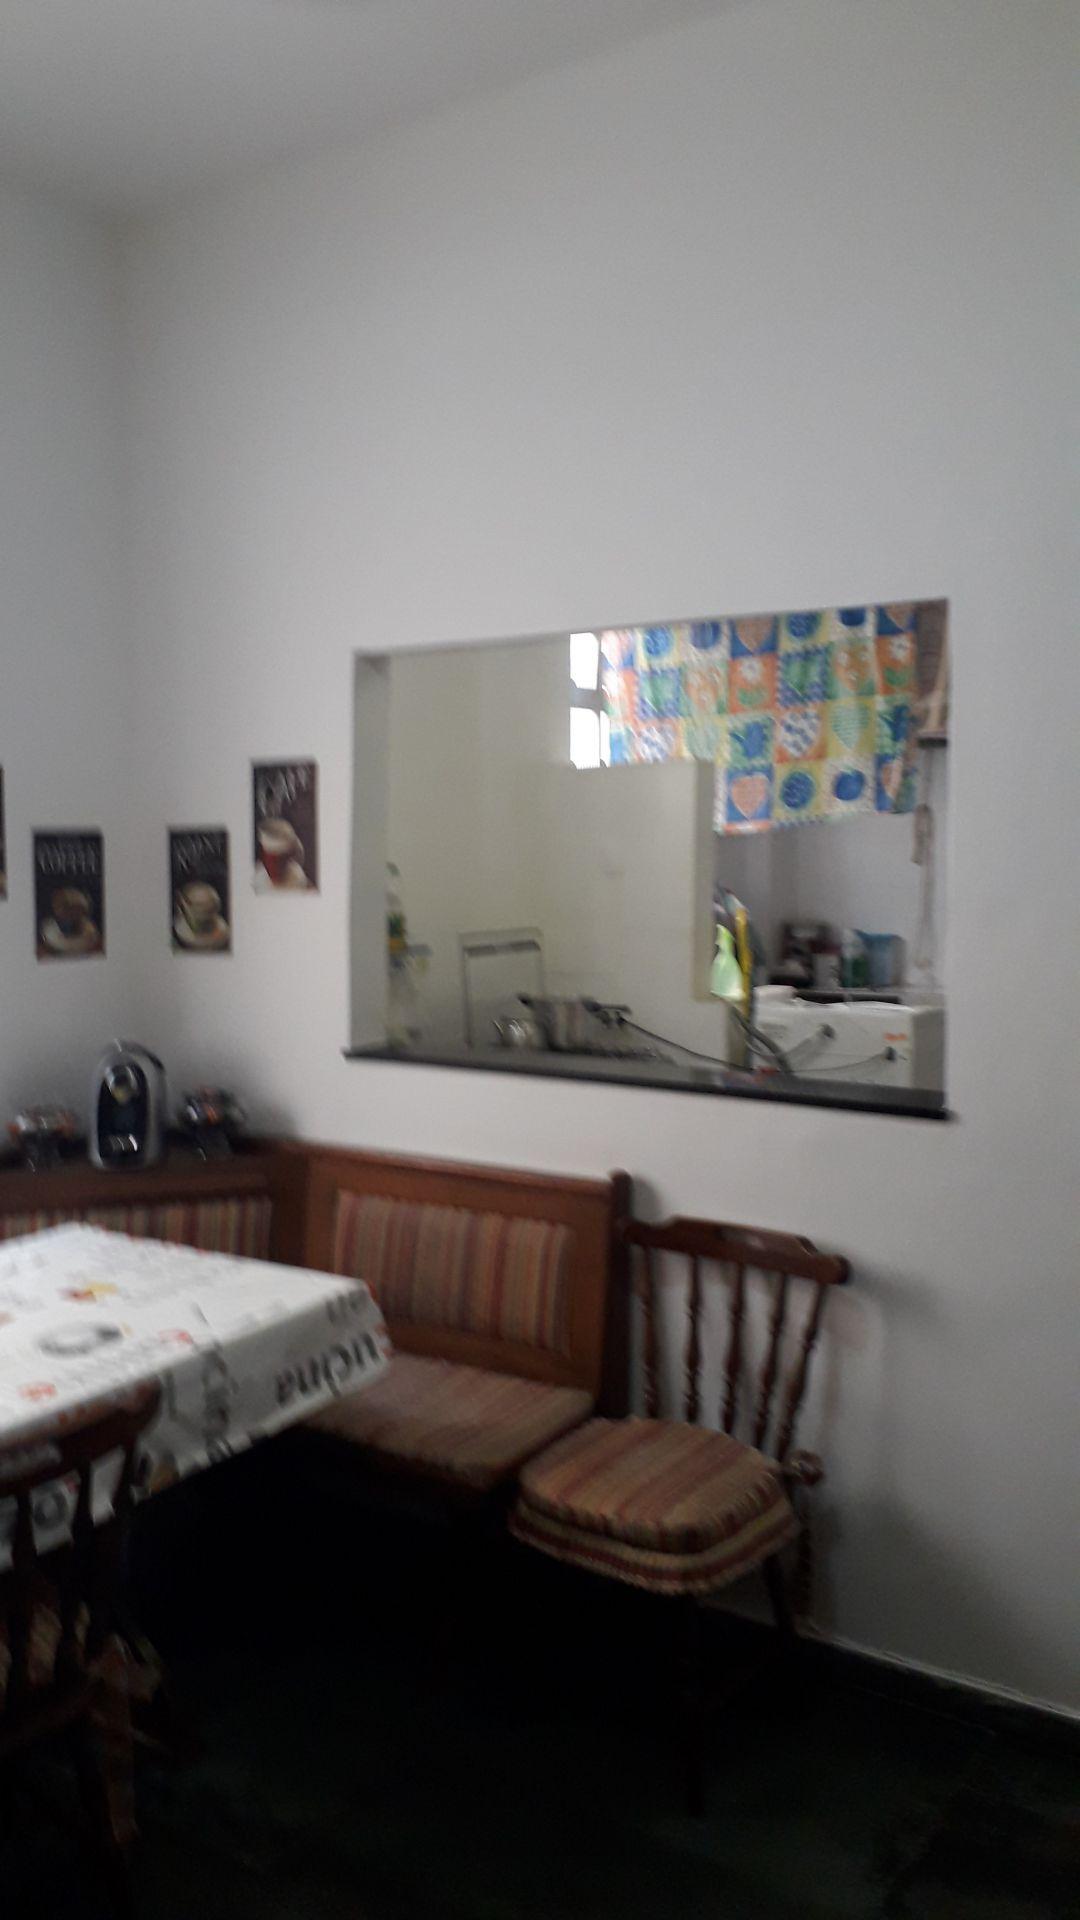 SALA - Apartamento Rua visconde de santa isabel,Grajaú, Grajaú,Rio de Janeiro, RJ À Venda, 2 Quartos, 59m² - 000484 - 12